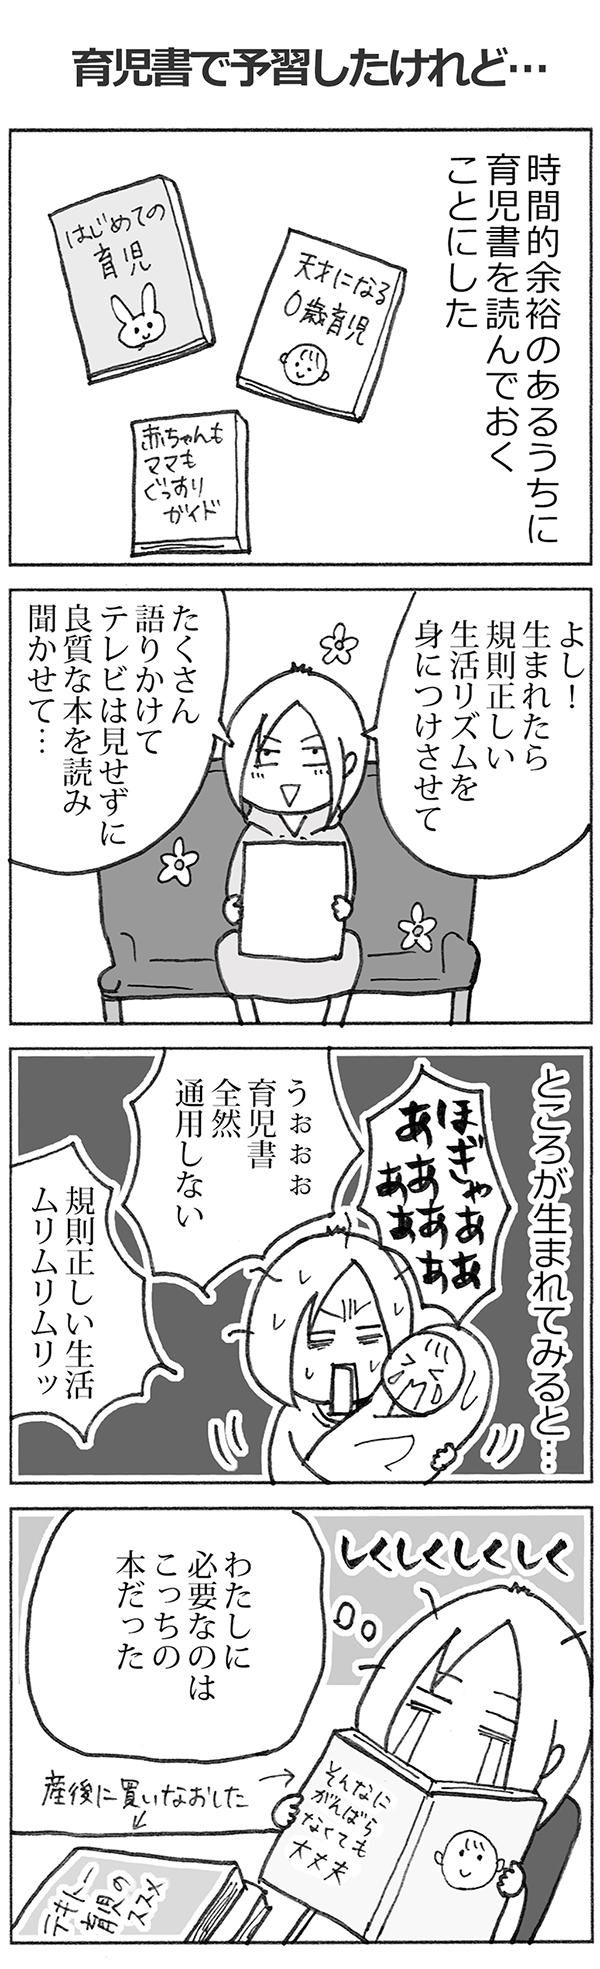 katakrico_23